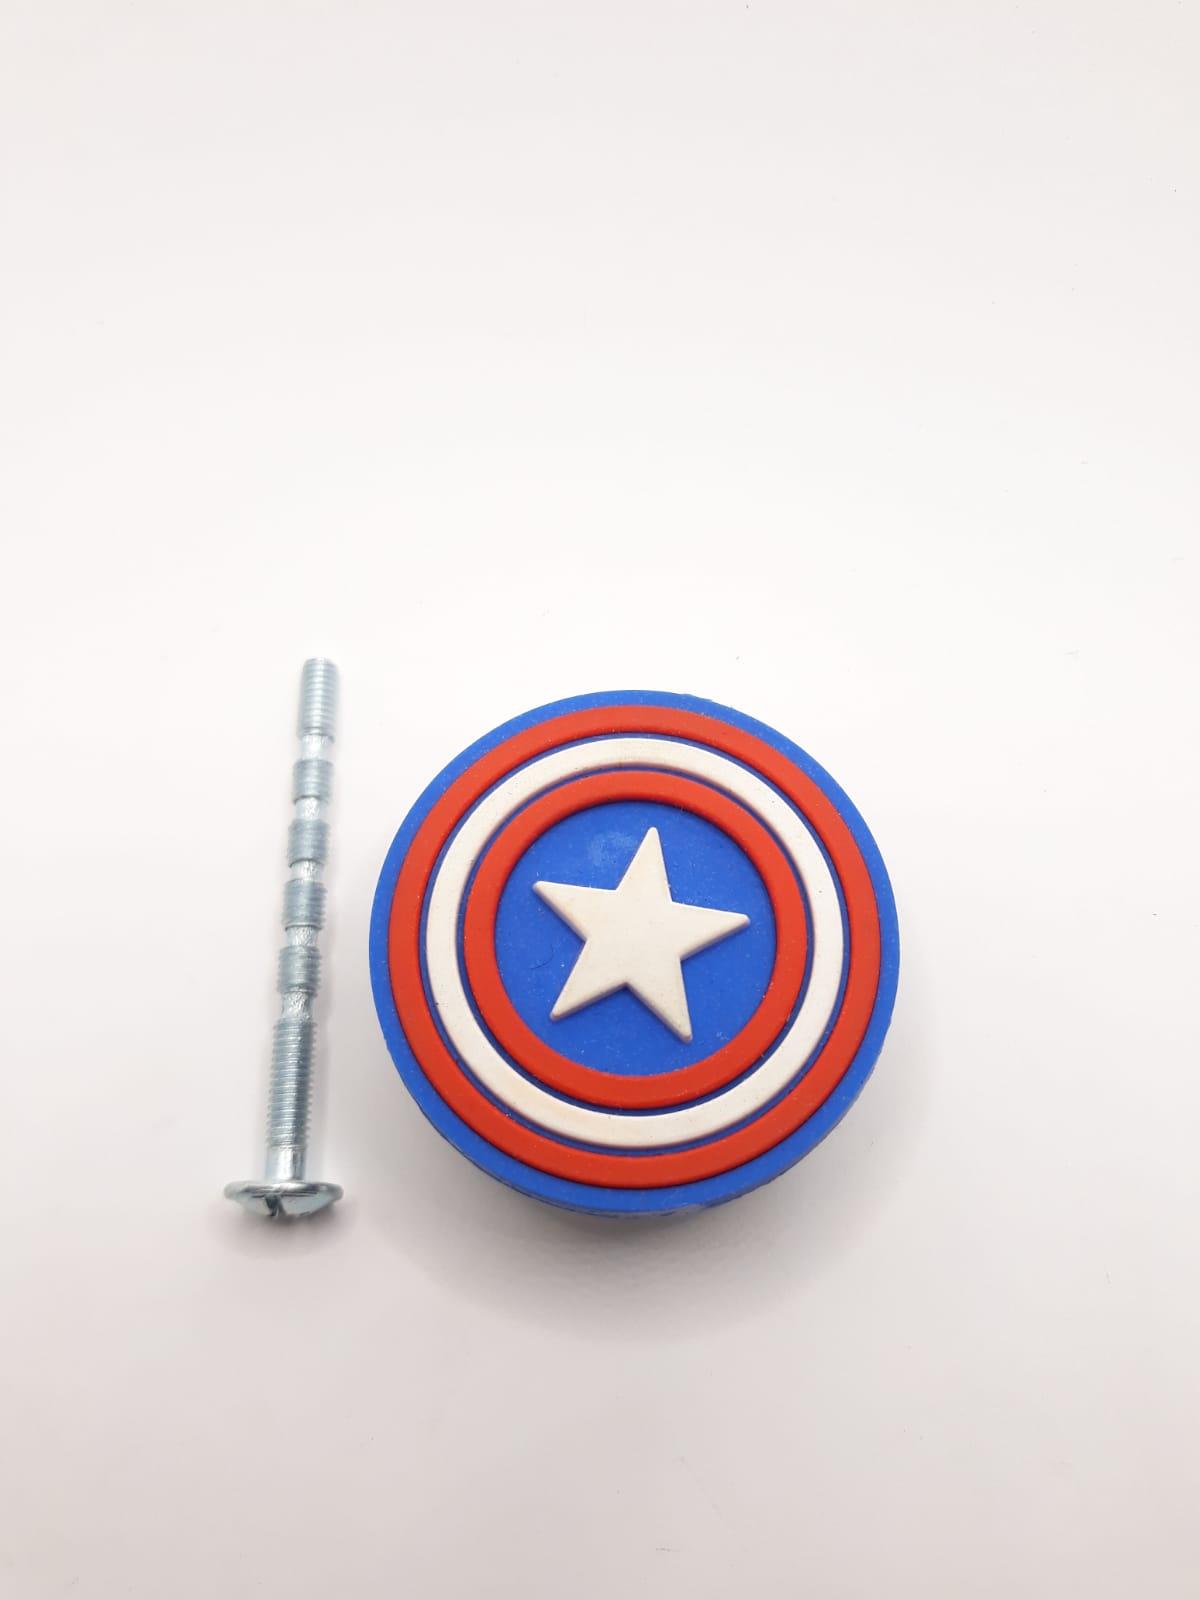 Puxador gaveta infantil emborrachado Escudo Capitão América Marvel